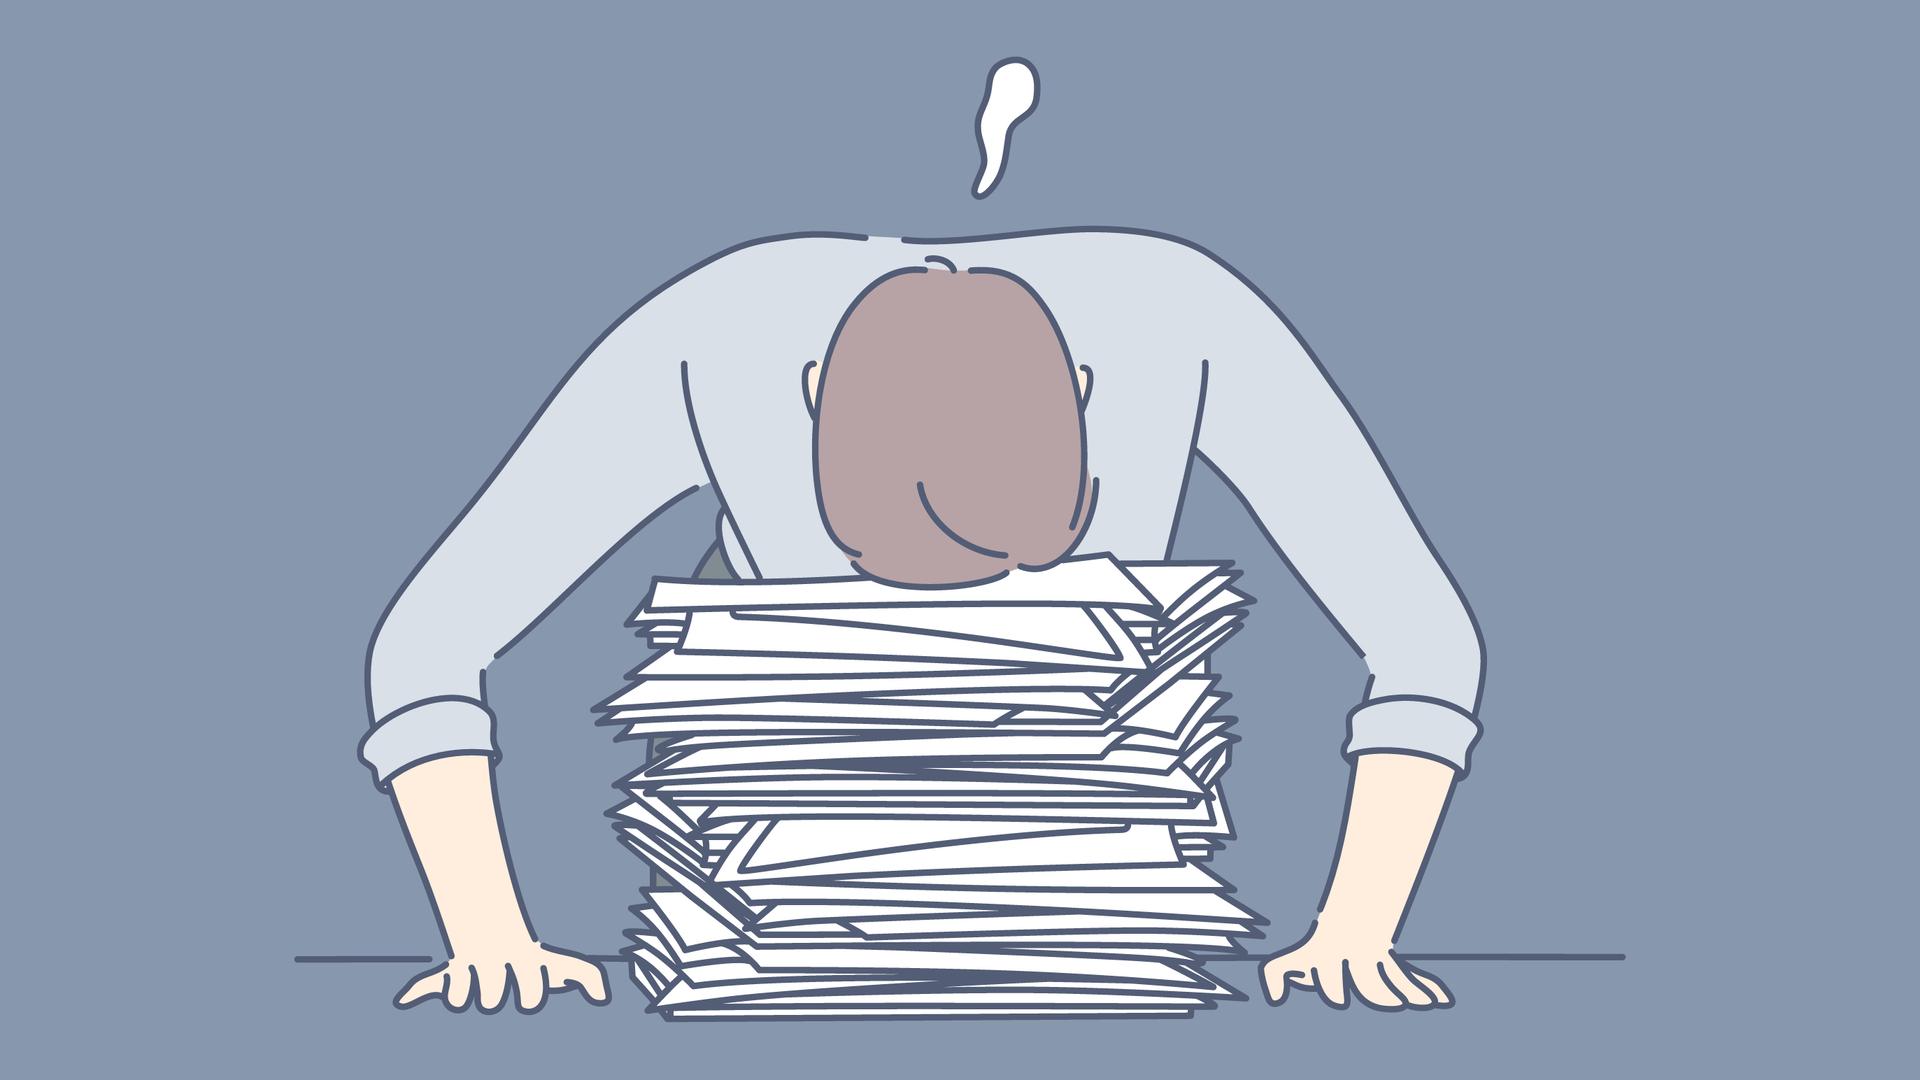 【5分で学んで即実践できる】会社員が向いてないと思ったらまず意識するべき7つのこと